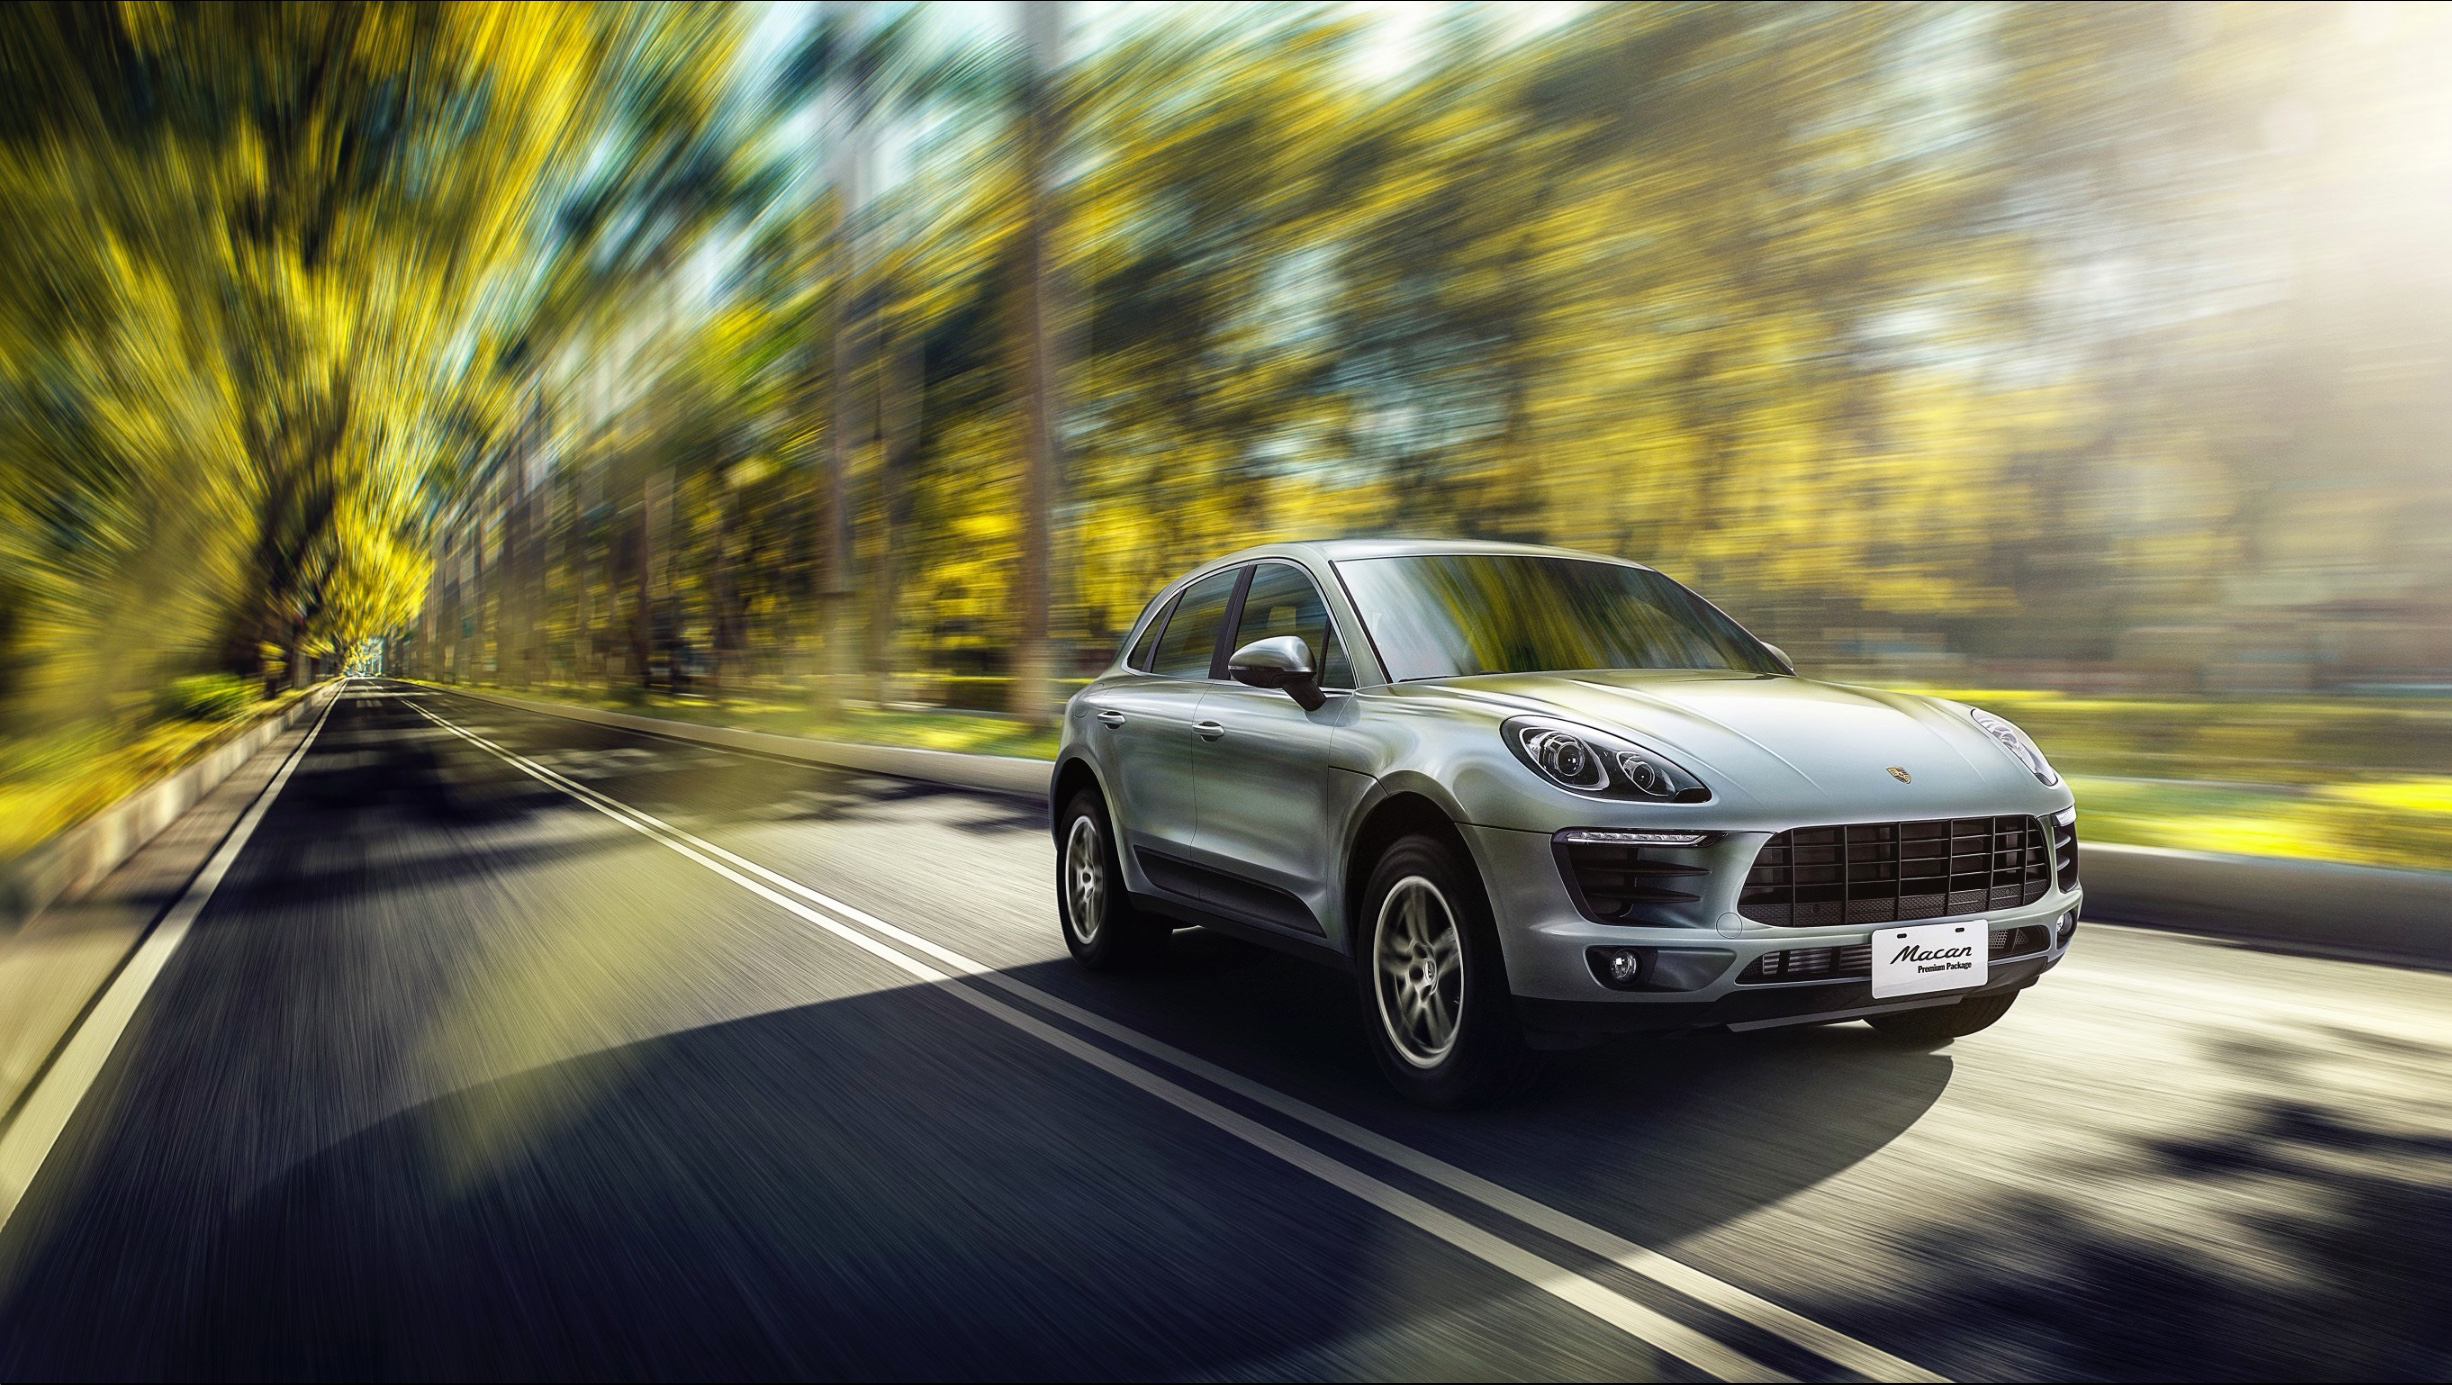 汽車廣告專業修圖